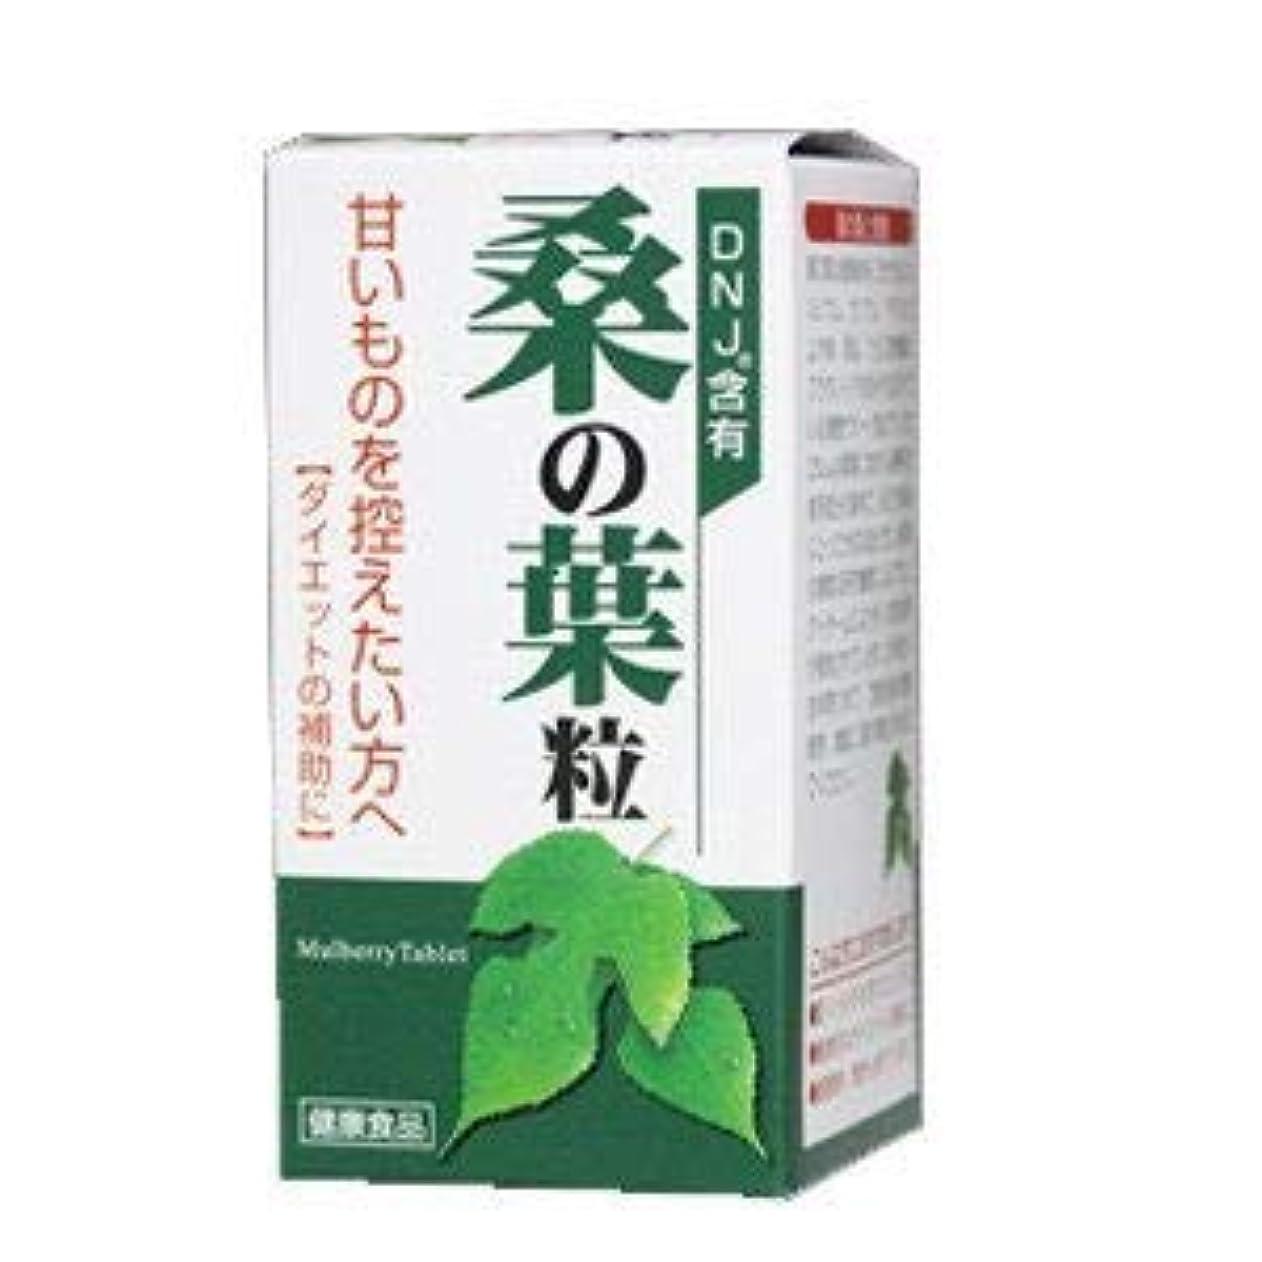 パックエイズ普通に桑の葉粒 270粒 3個 大草薬品